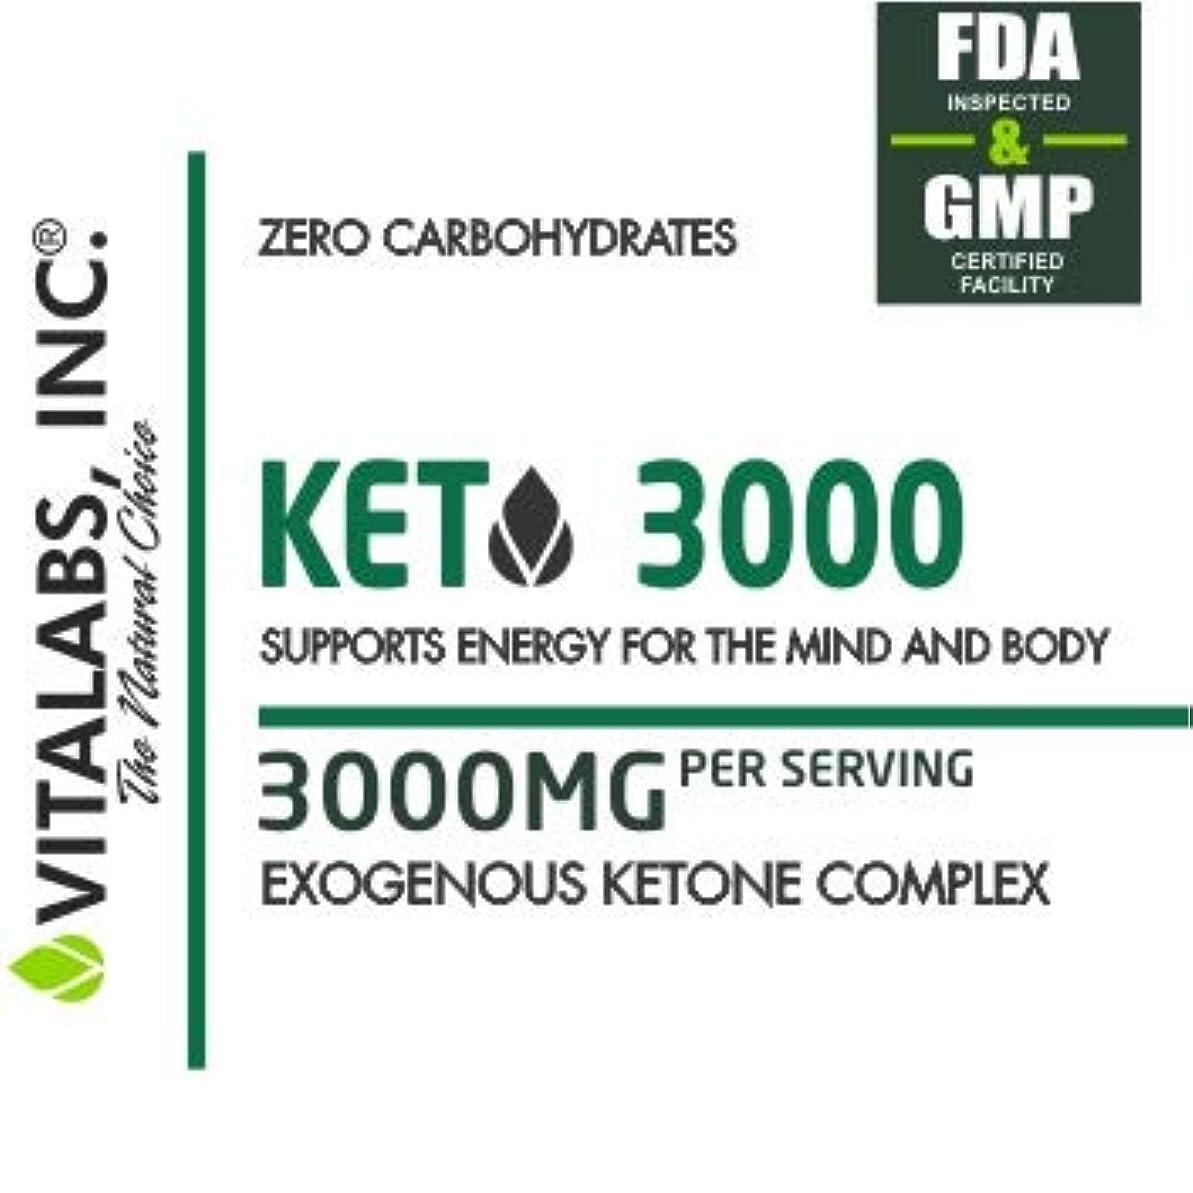 ドローアドバンテージ浴室低炭水化物状態を作る/ケトジェニックダイエットサポートサプリメント KETO 3000/ Vitalabs 【アメリカより直送】】 (240カプセル(60回分))